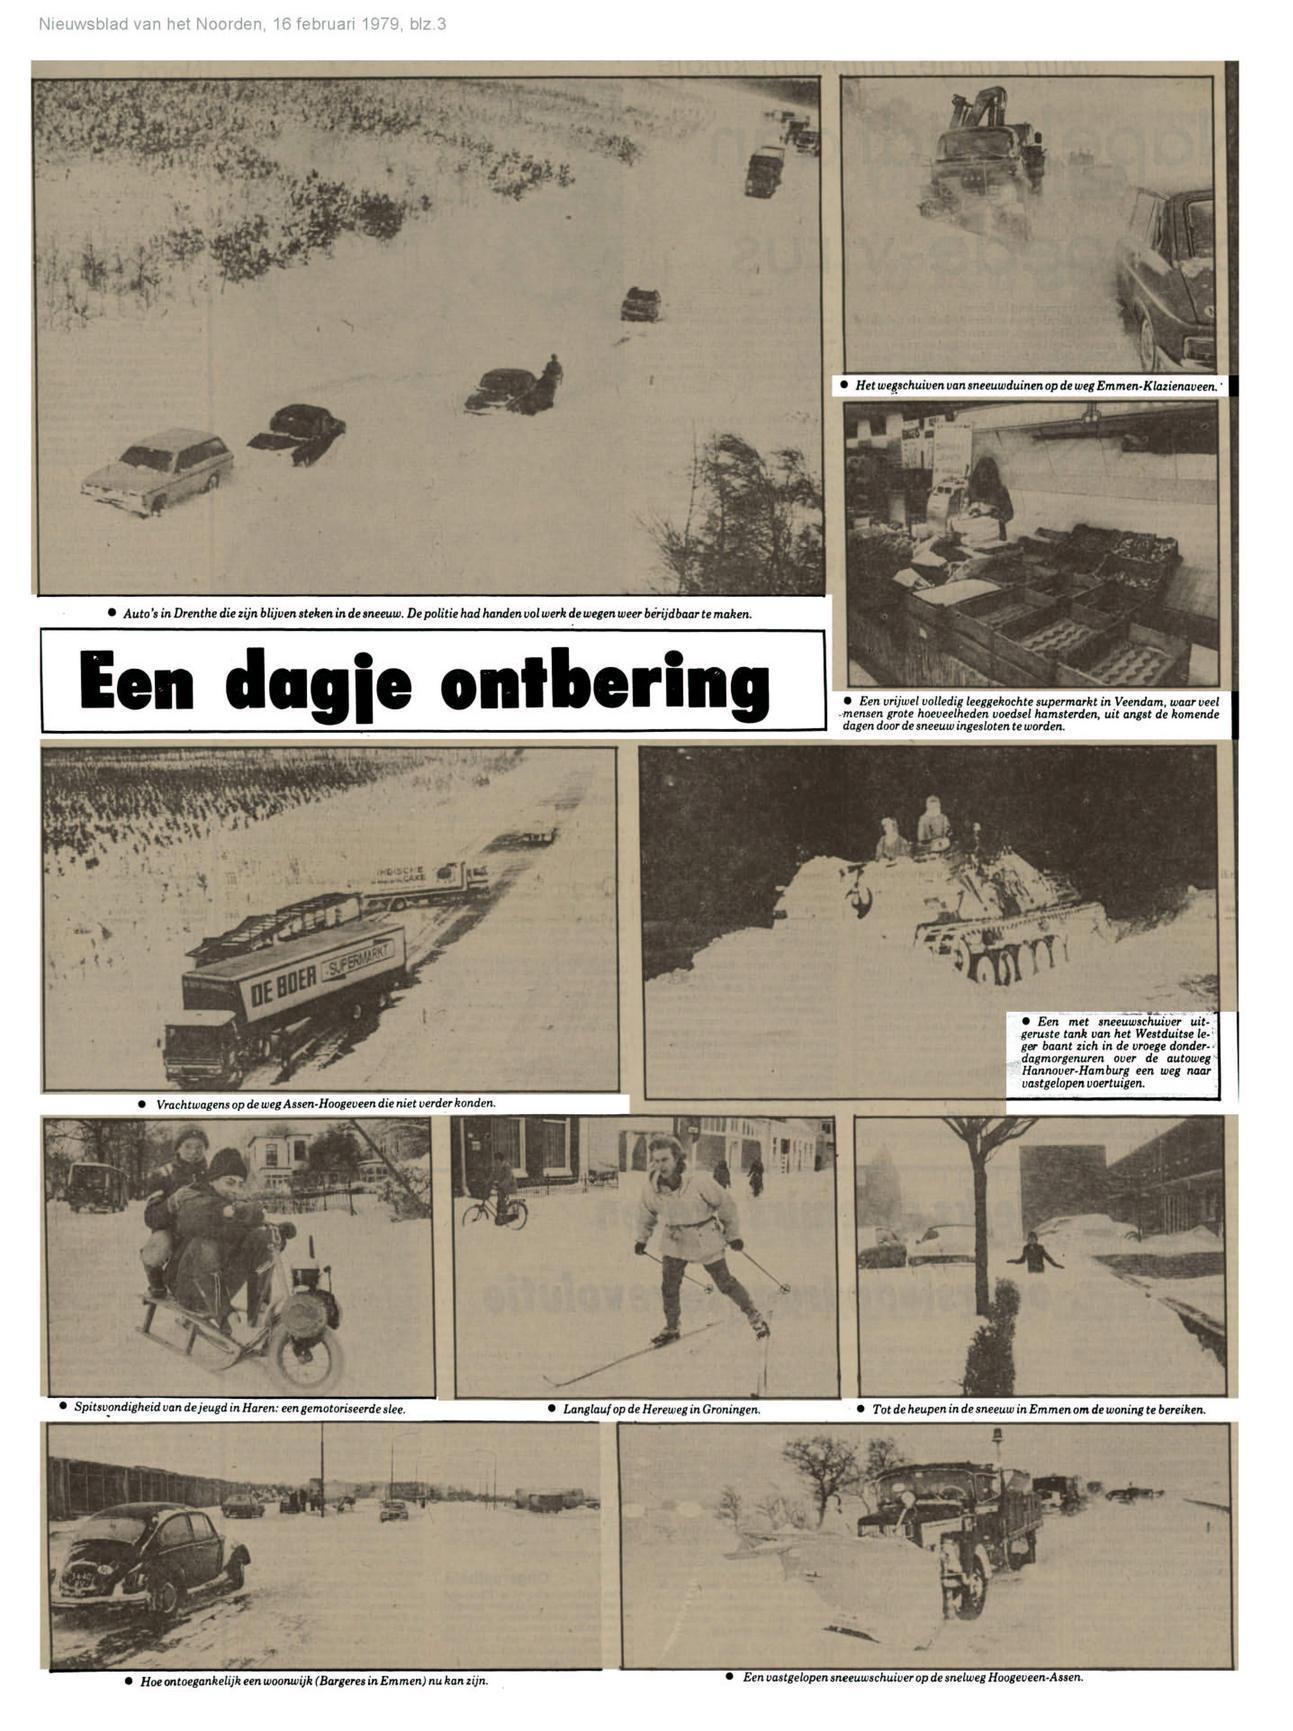 dvhn.nl 16-02-1979